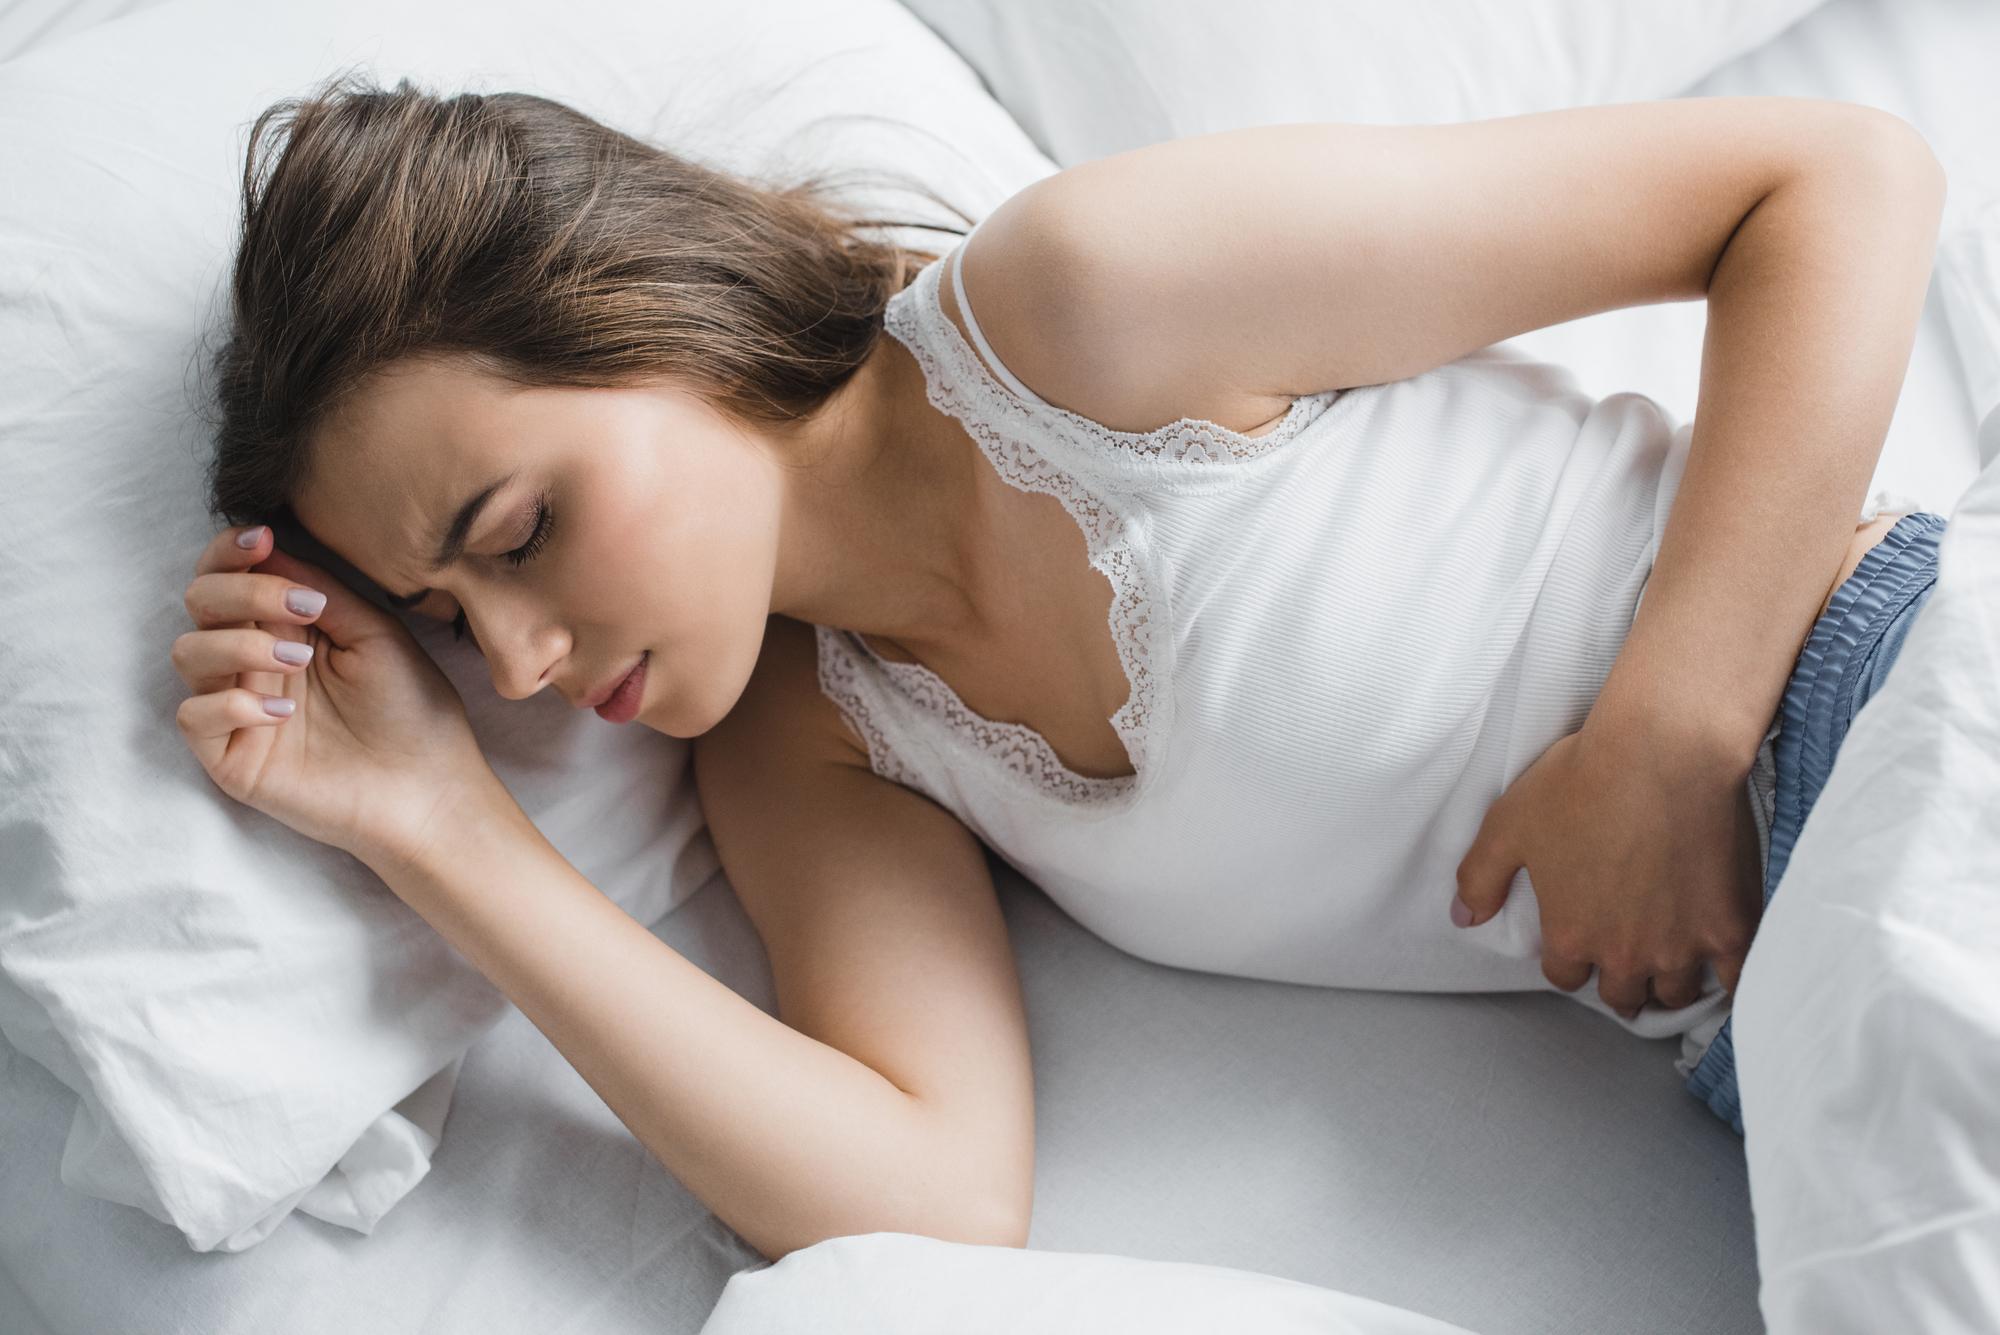 Симптомы язвы желудка, которые нельзя игнорировать